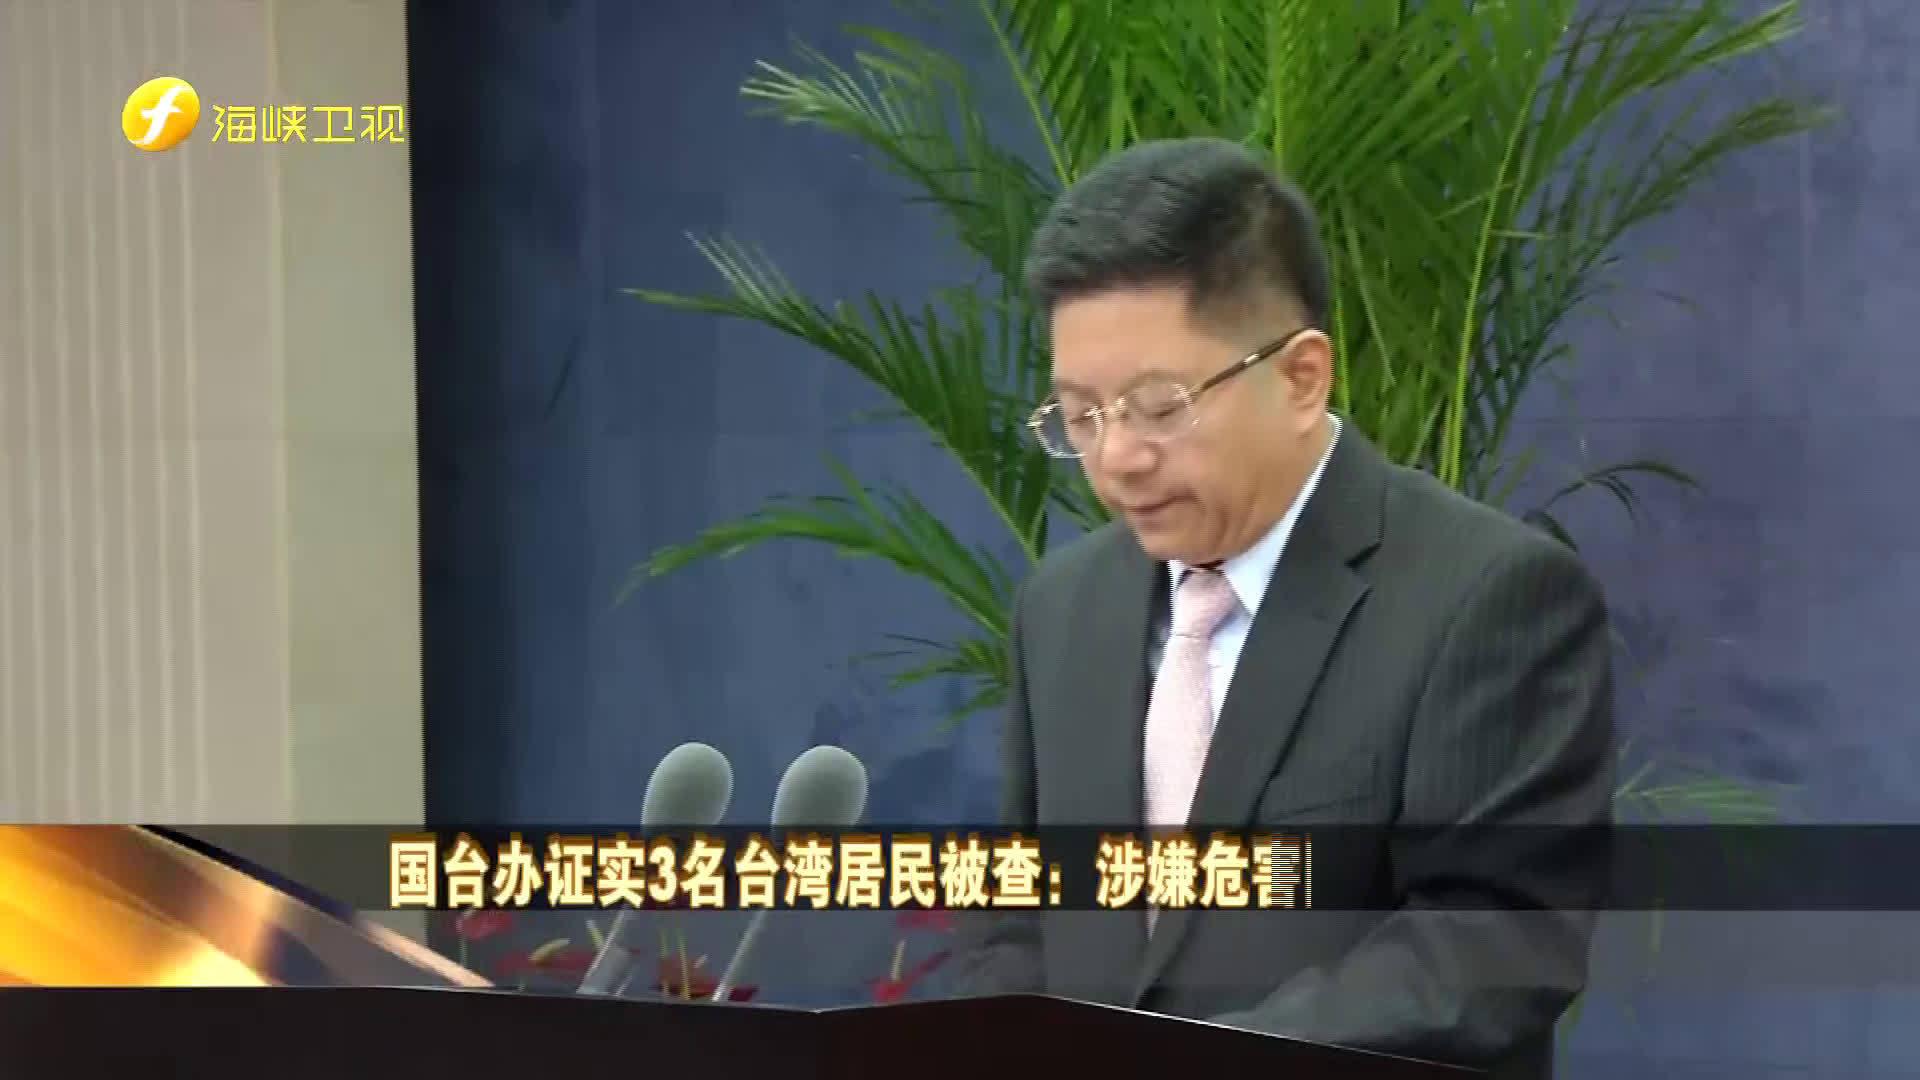 海峡焦点  | 国台办证实3名台湾居民被查:涉嫌危害国家安全